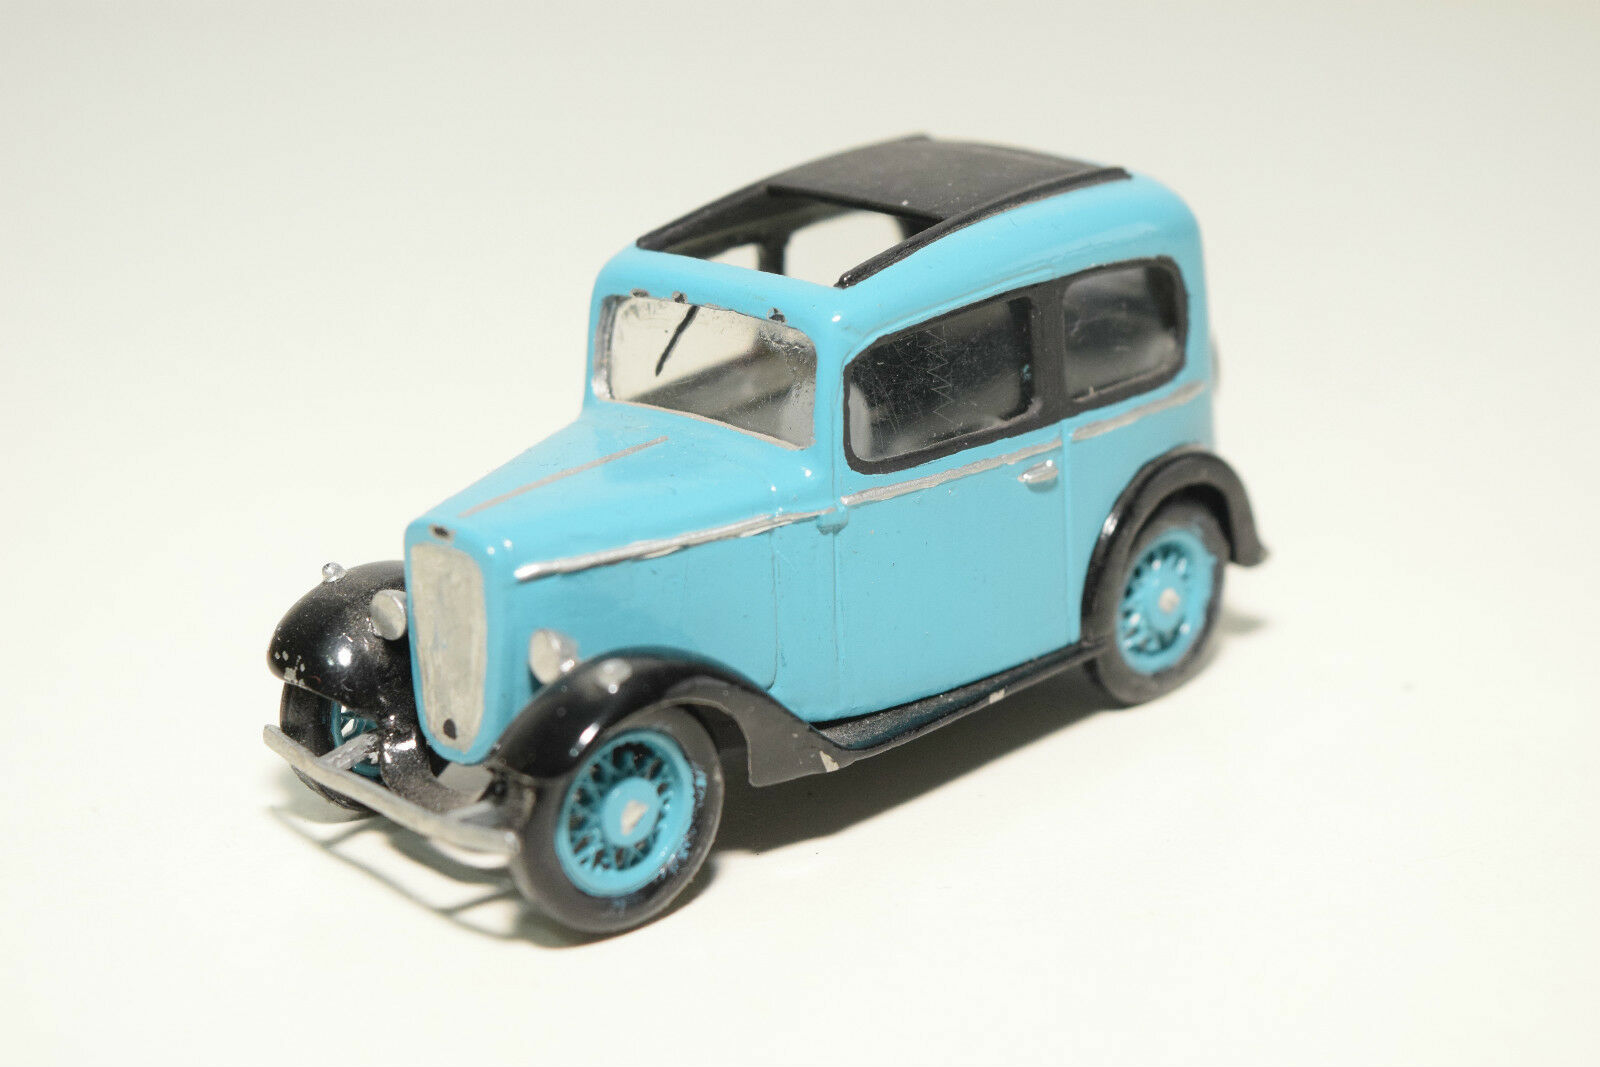 Kit handbuild ford v8 - dach hellblau ausgezeichneten zustand